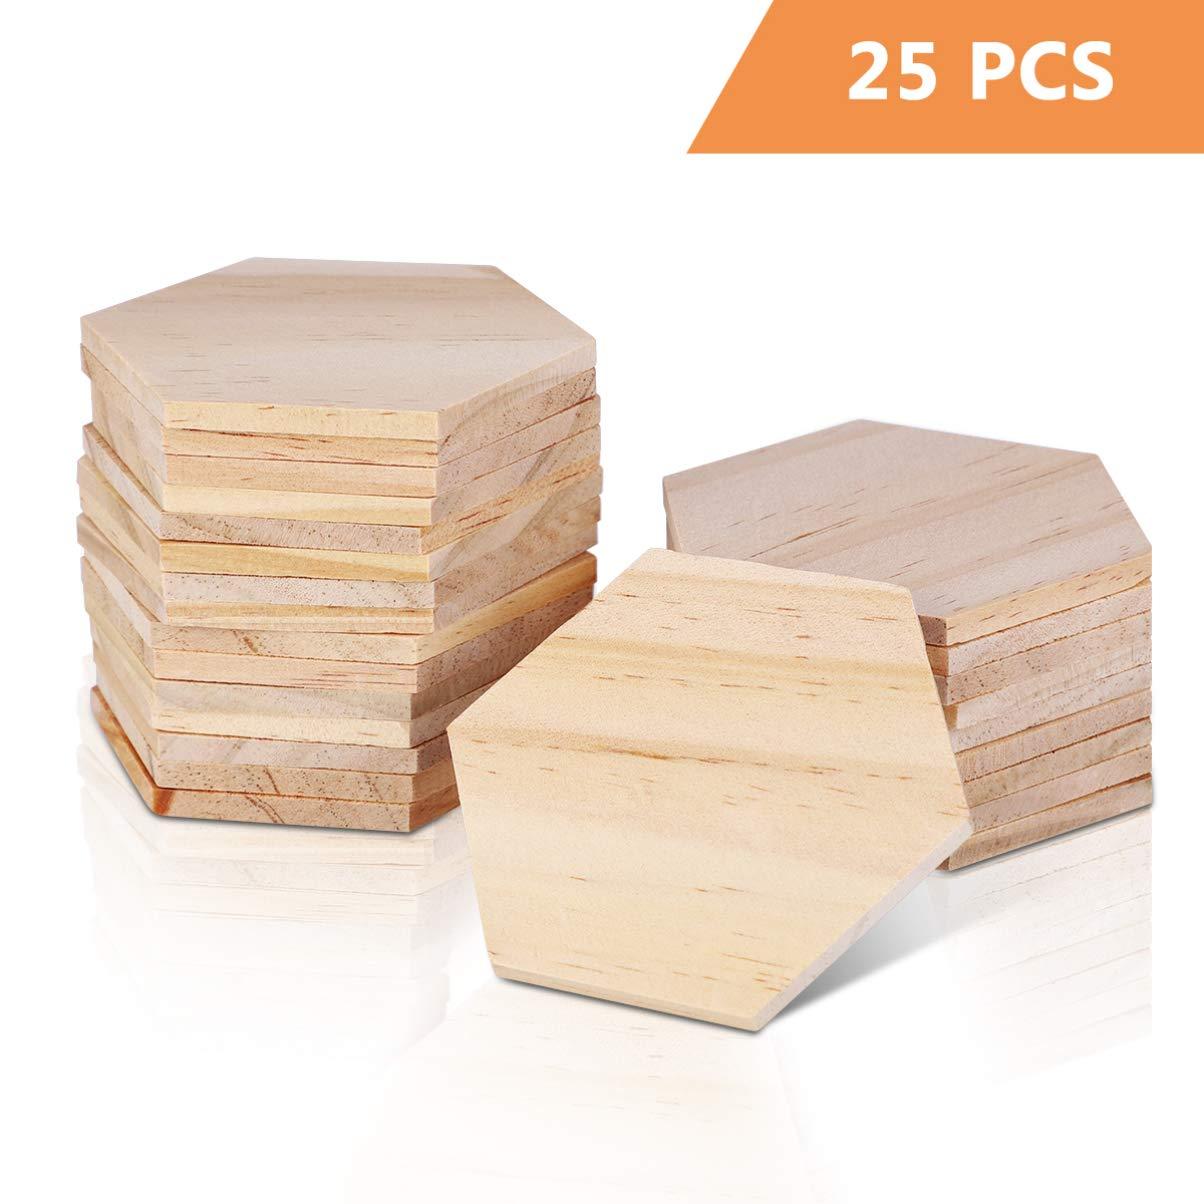 SUPVOX 25 piezas de madera rebanadas hexagonales etiquetas de nombre en blanco adornos de madera para fiesta boda decoraci/ón del hogar 9 cm